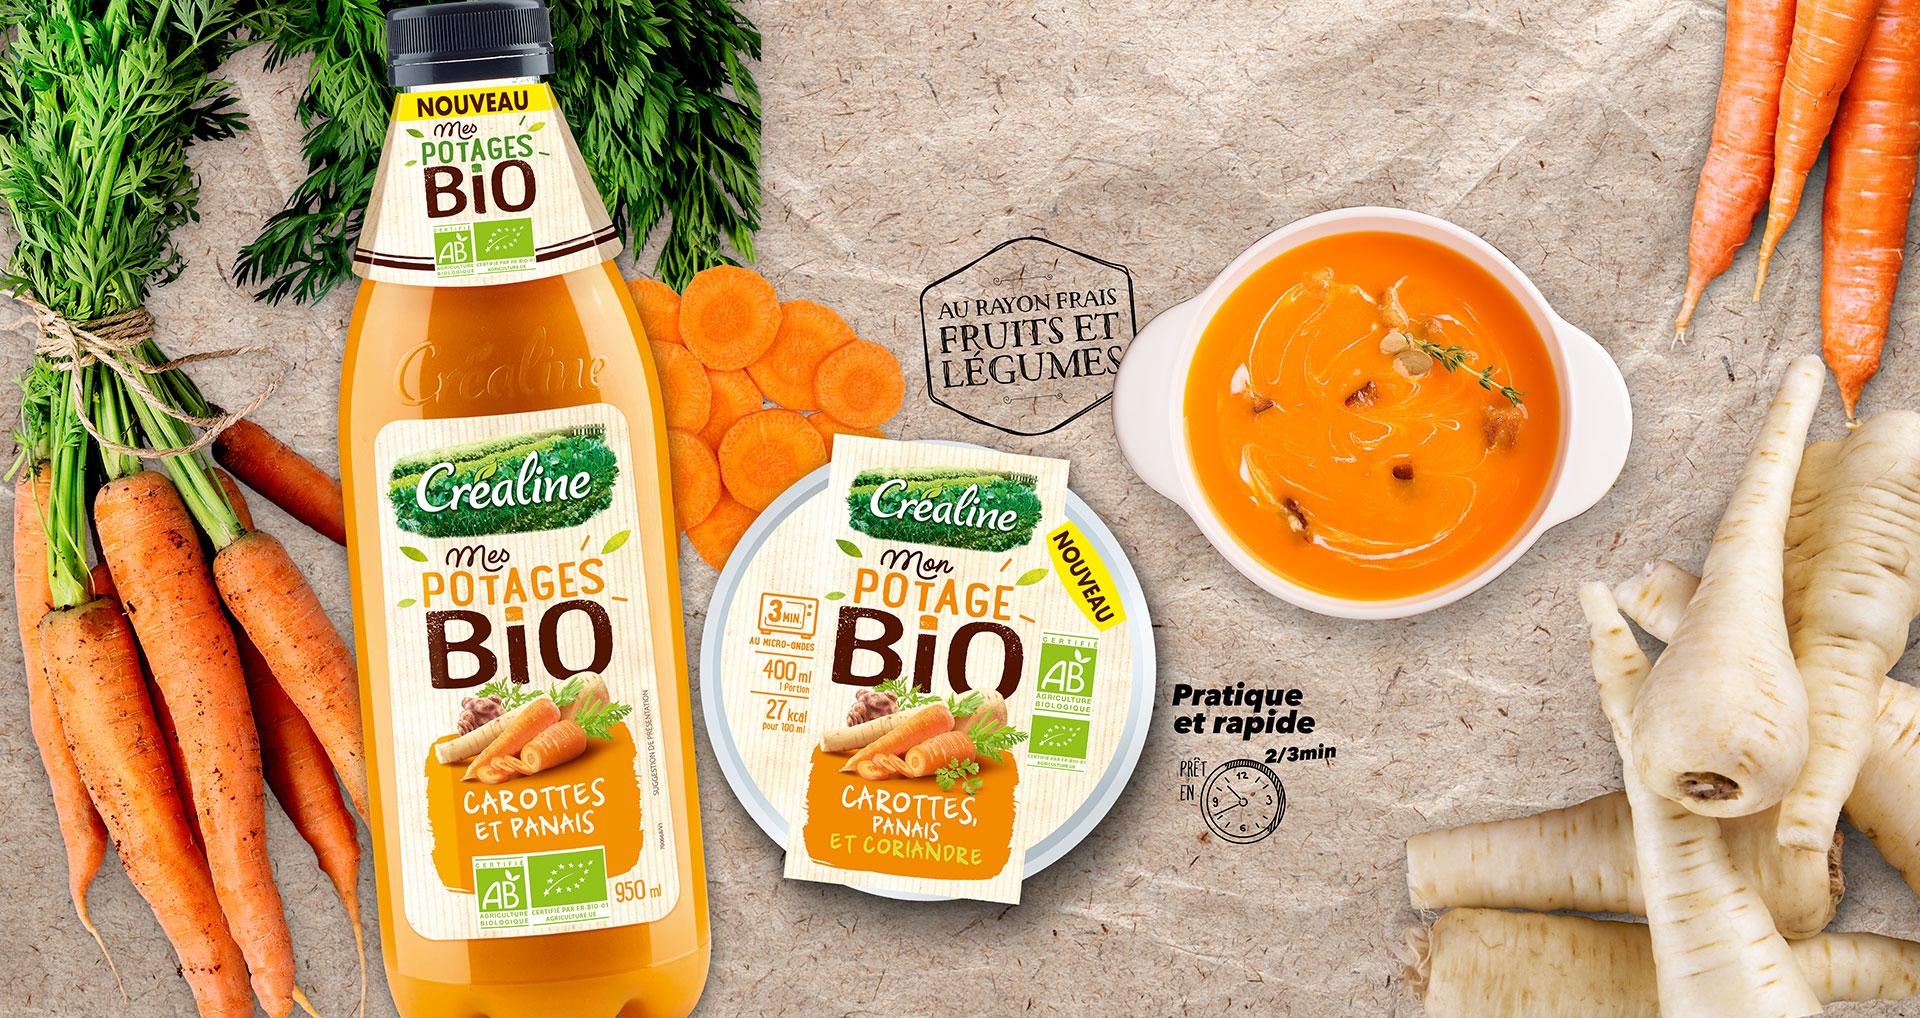 Mon potage Bio carottes et panais en bouteille et en cup : les soupes Bio du rayon frais